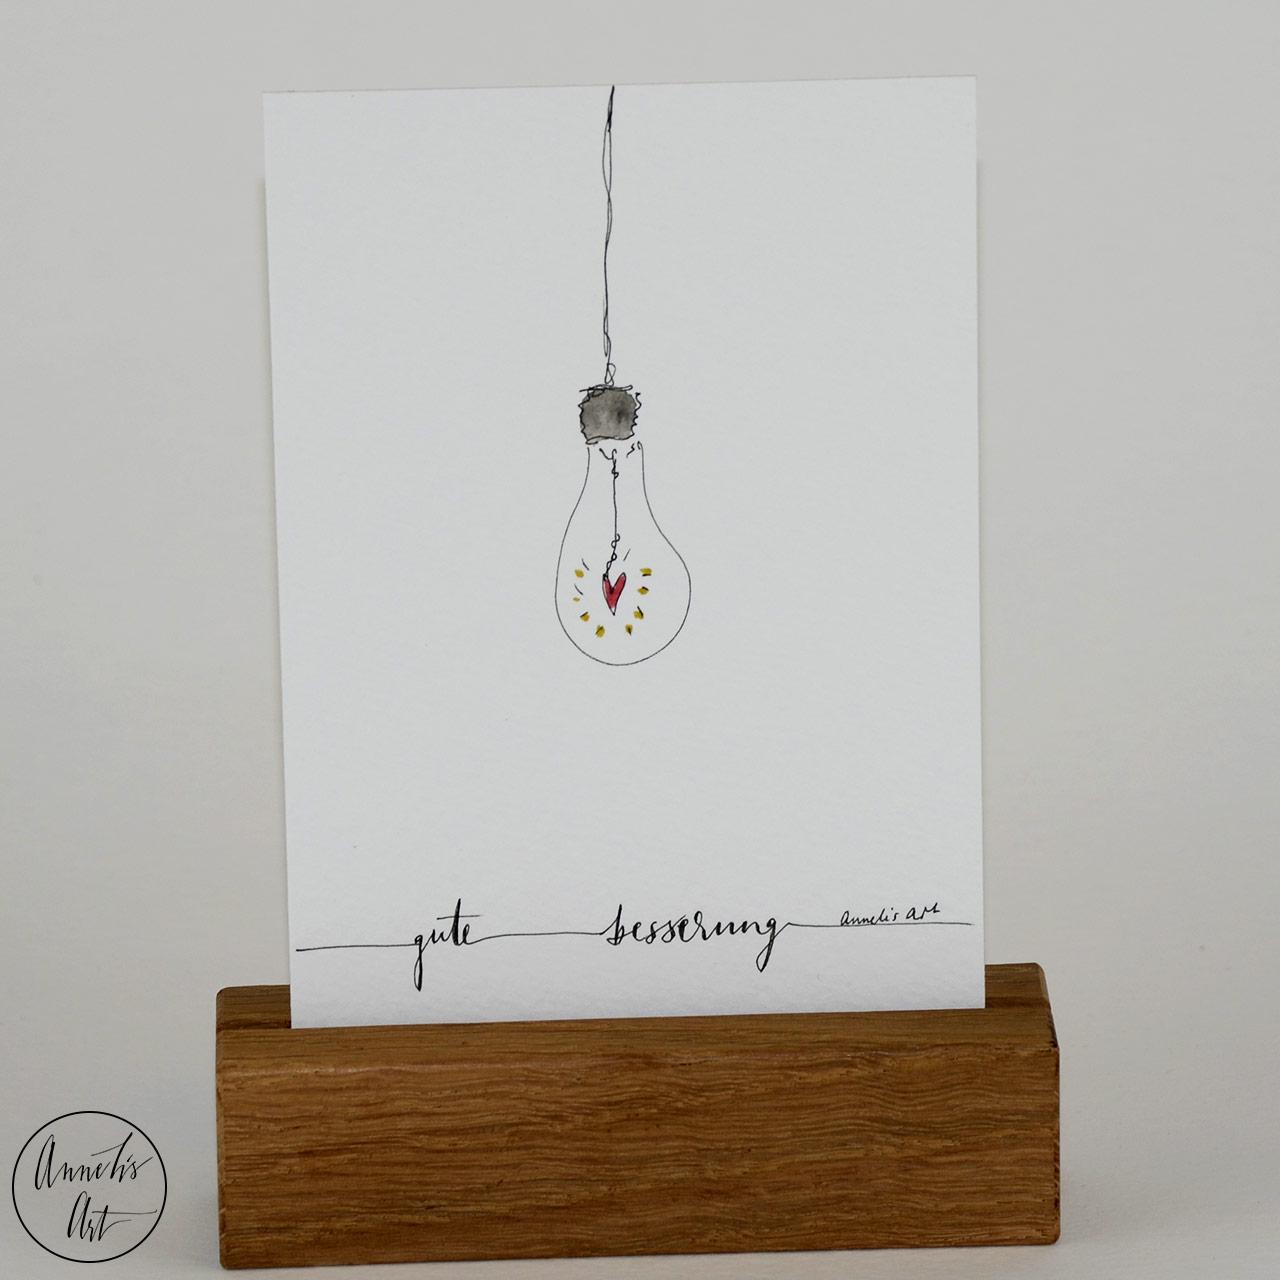 Grußkarte | Klappkarte mit Umschlag - Gute Besserung, gefüllte Glühbirne